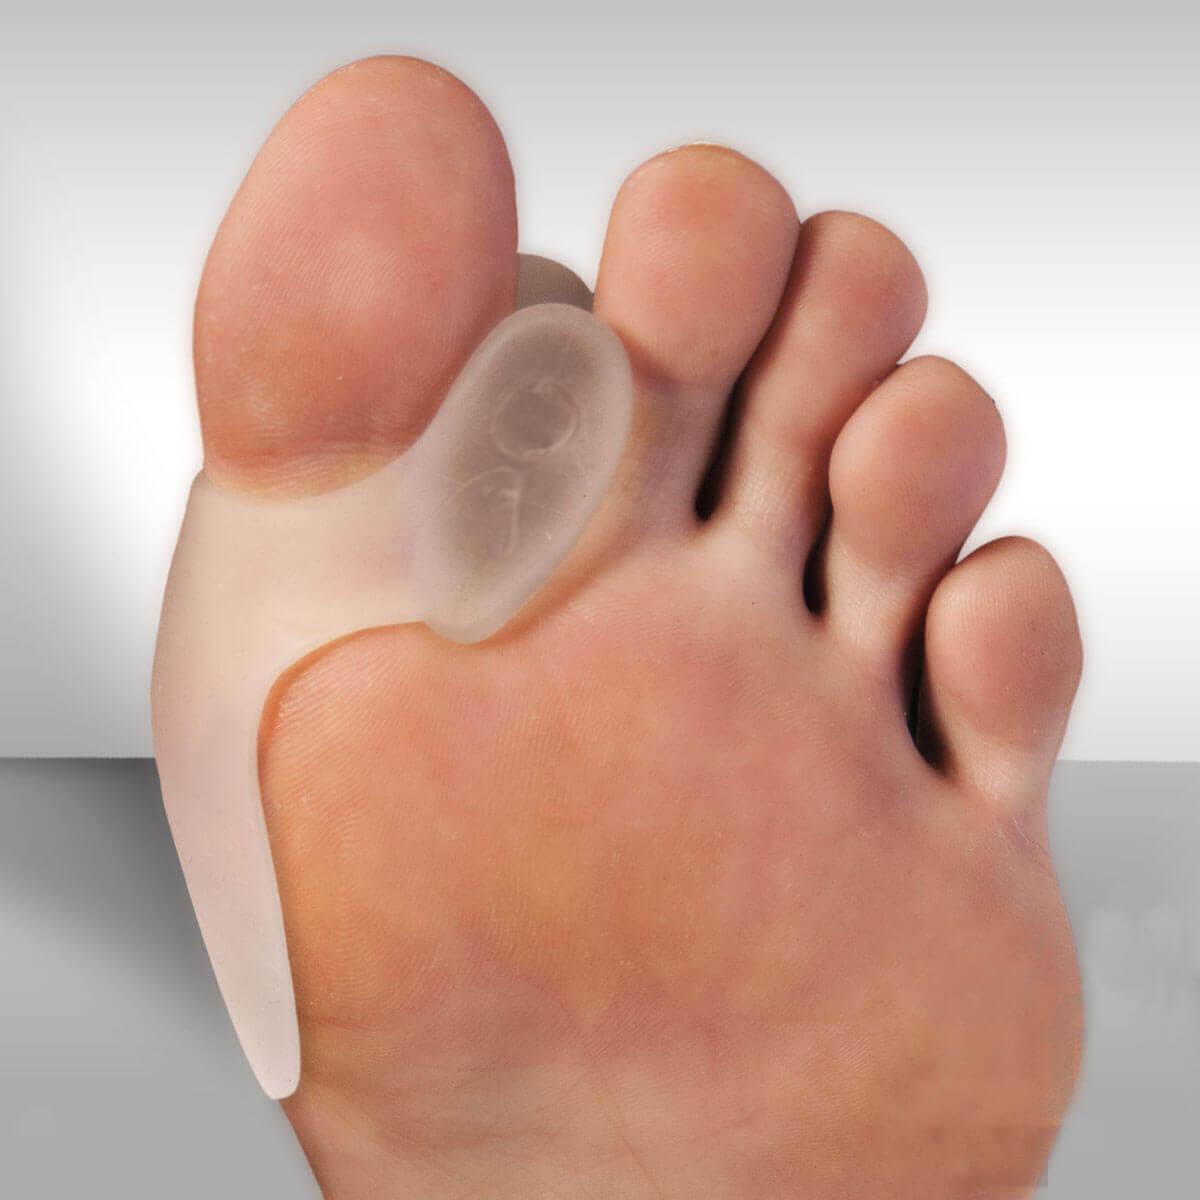 Вальгус Про ( ) - фиксатор для большого пальца ноги отзывы и цена